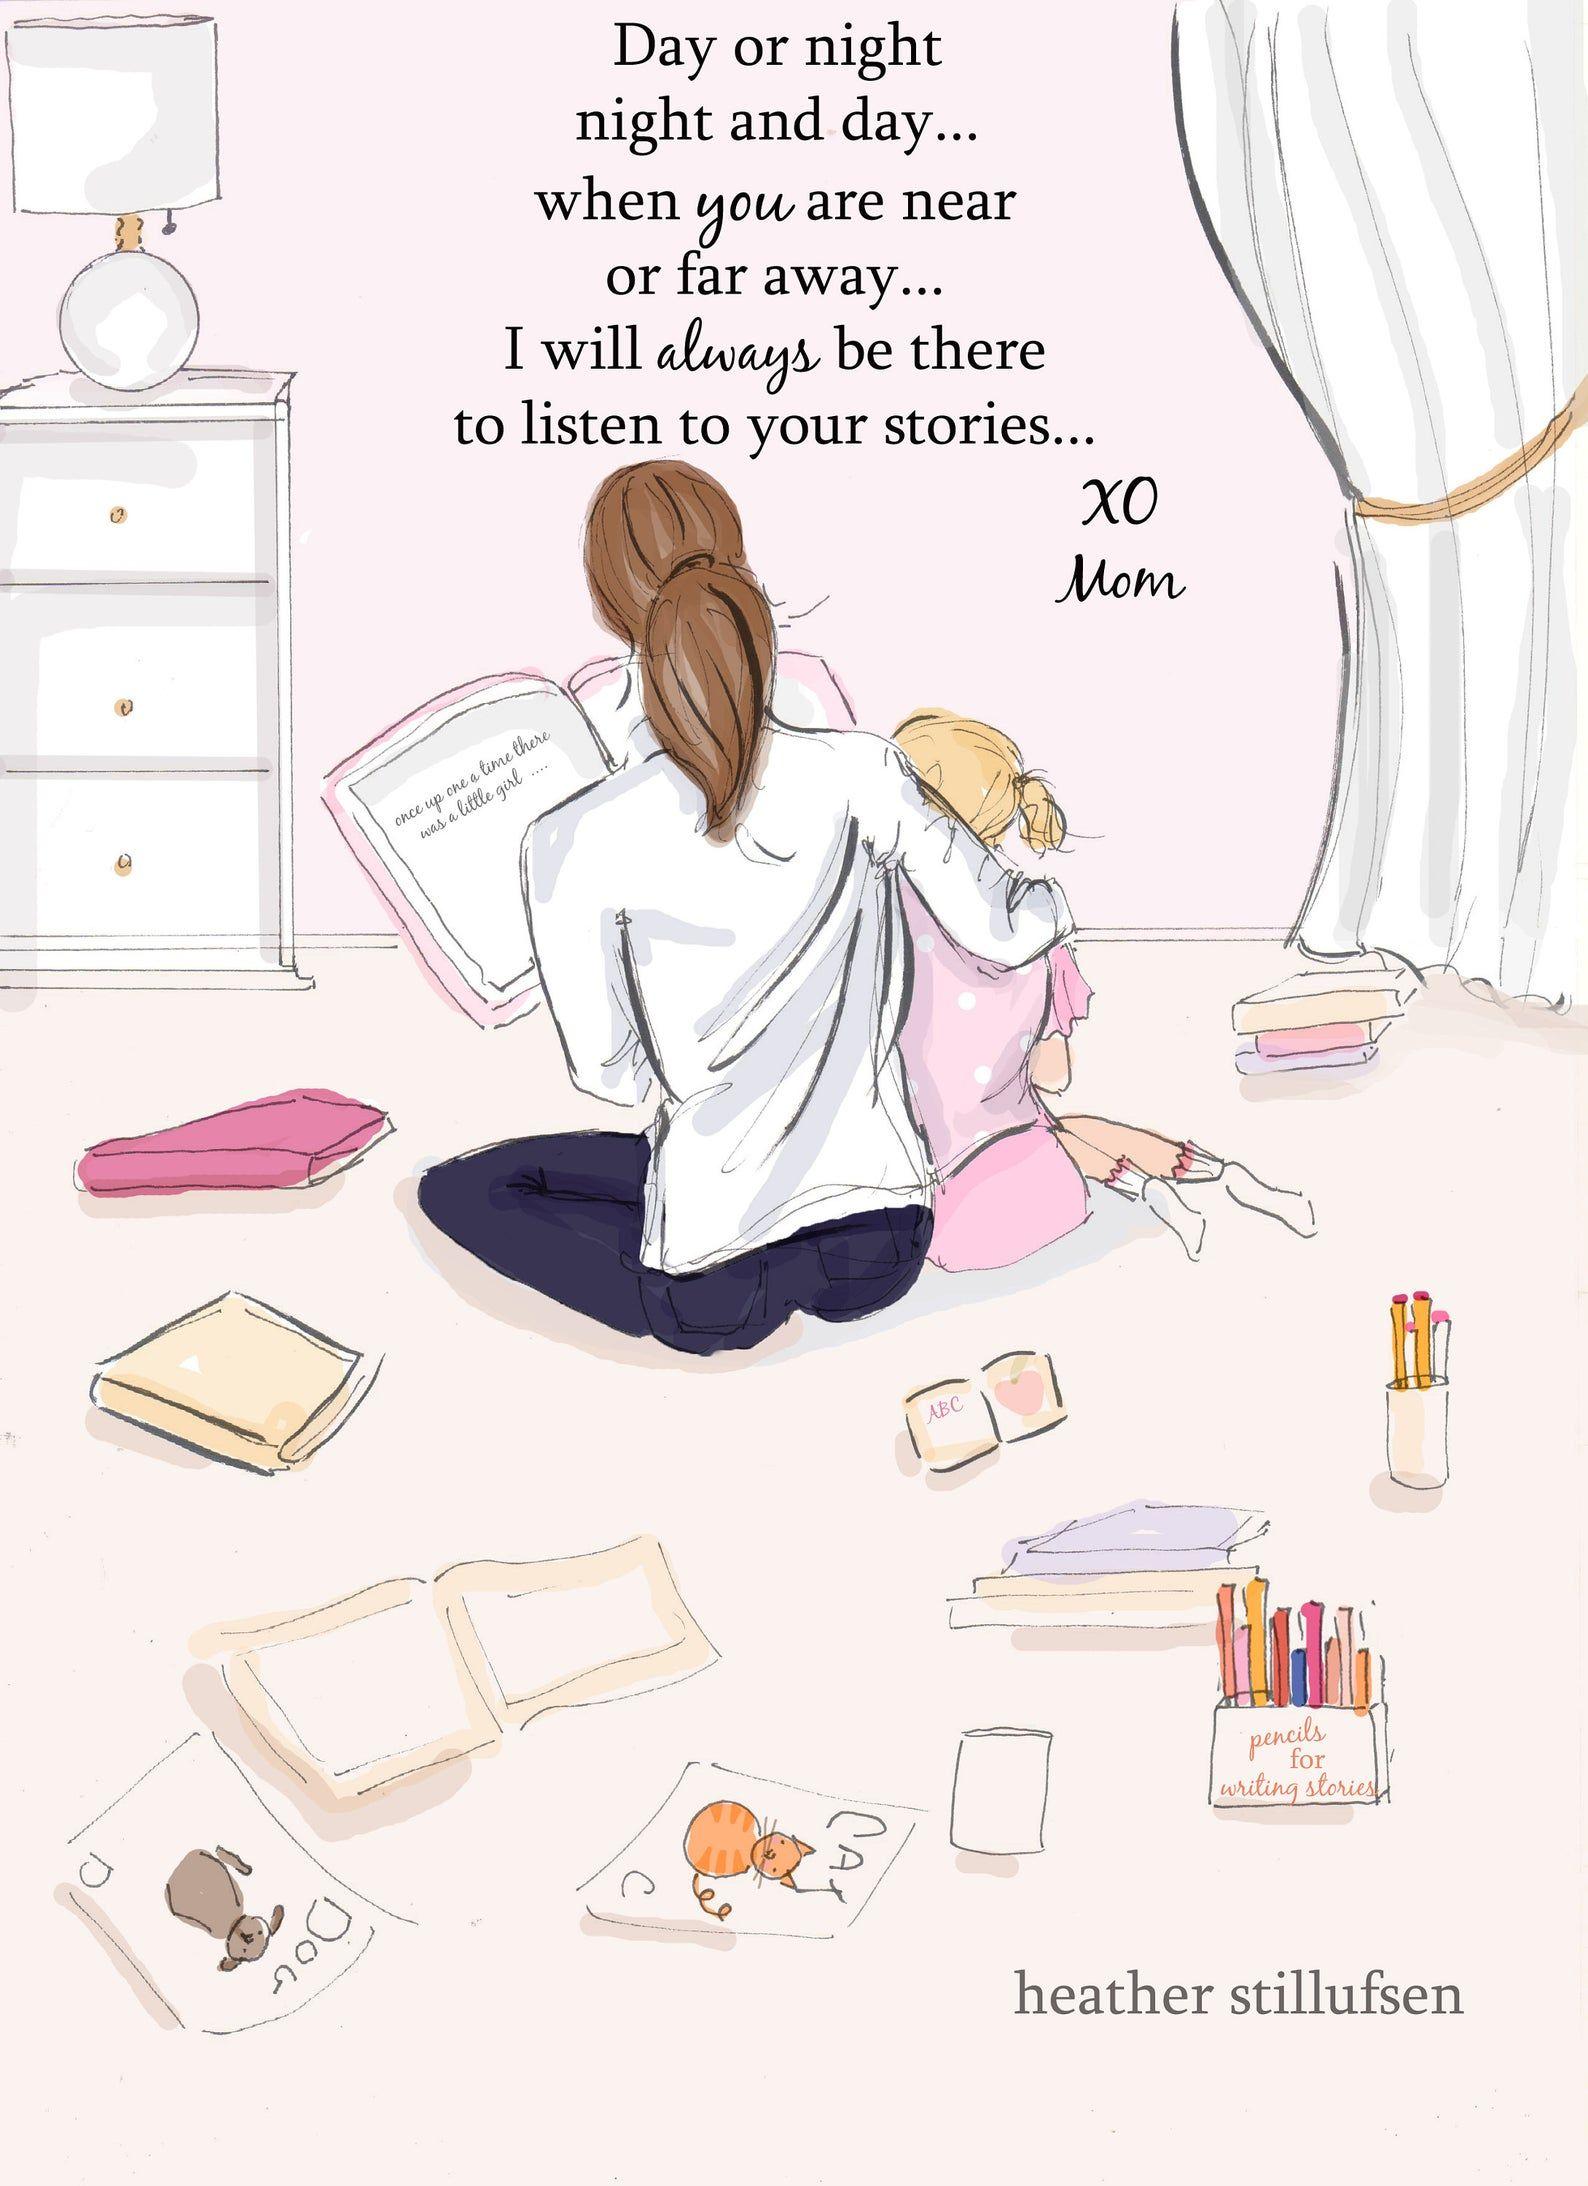 Notas de mamá-escucha historias-mamá e hija arte-regalos del día de la madre-arte para las mamás-arte inspirador para las mujeres